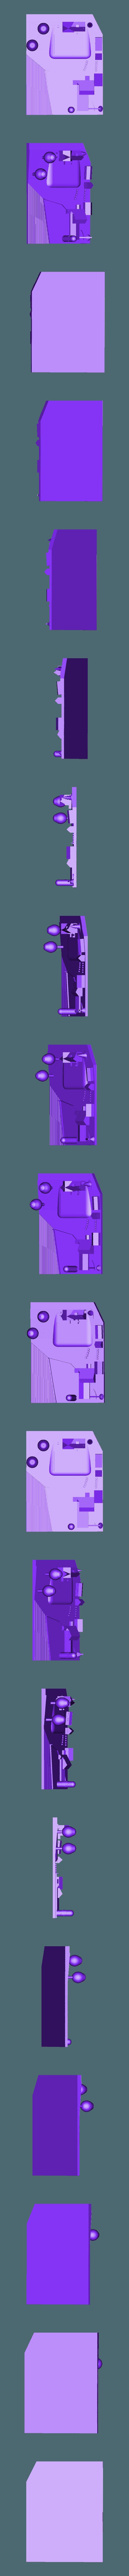 family_farm.stl Télécharger fichier STL gratuit Ferme familiale • Modèle à imprimer en 3D, westloki